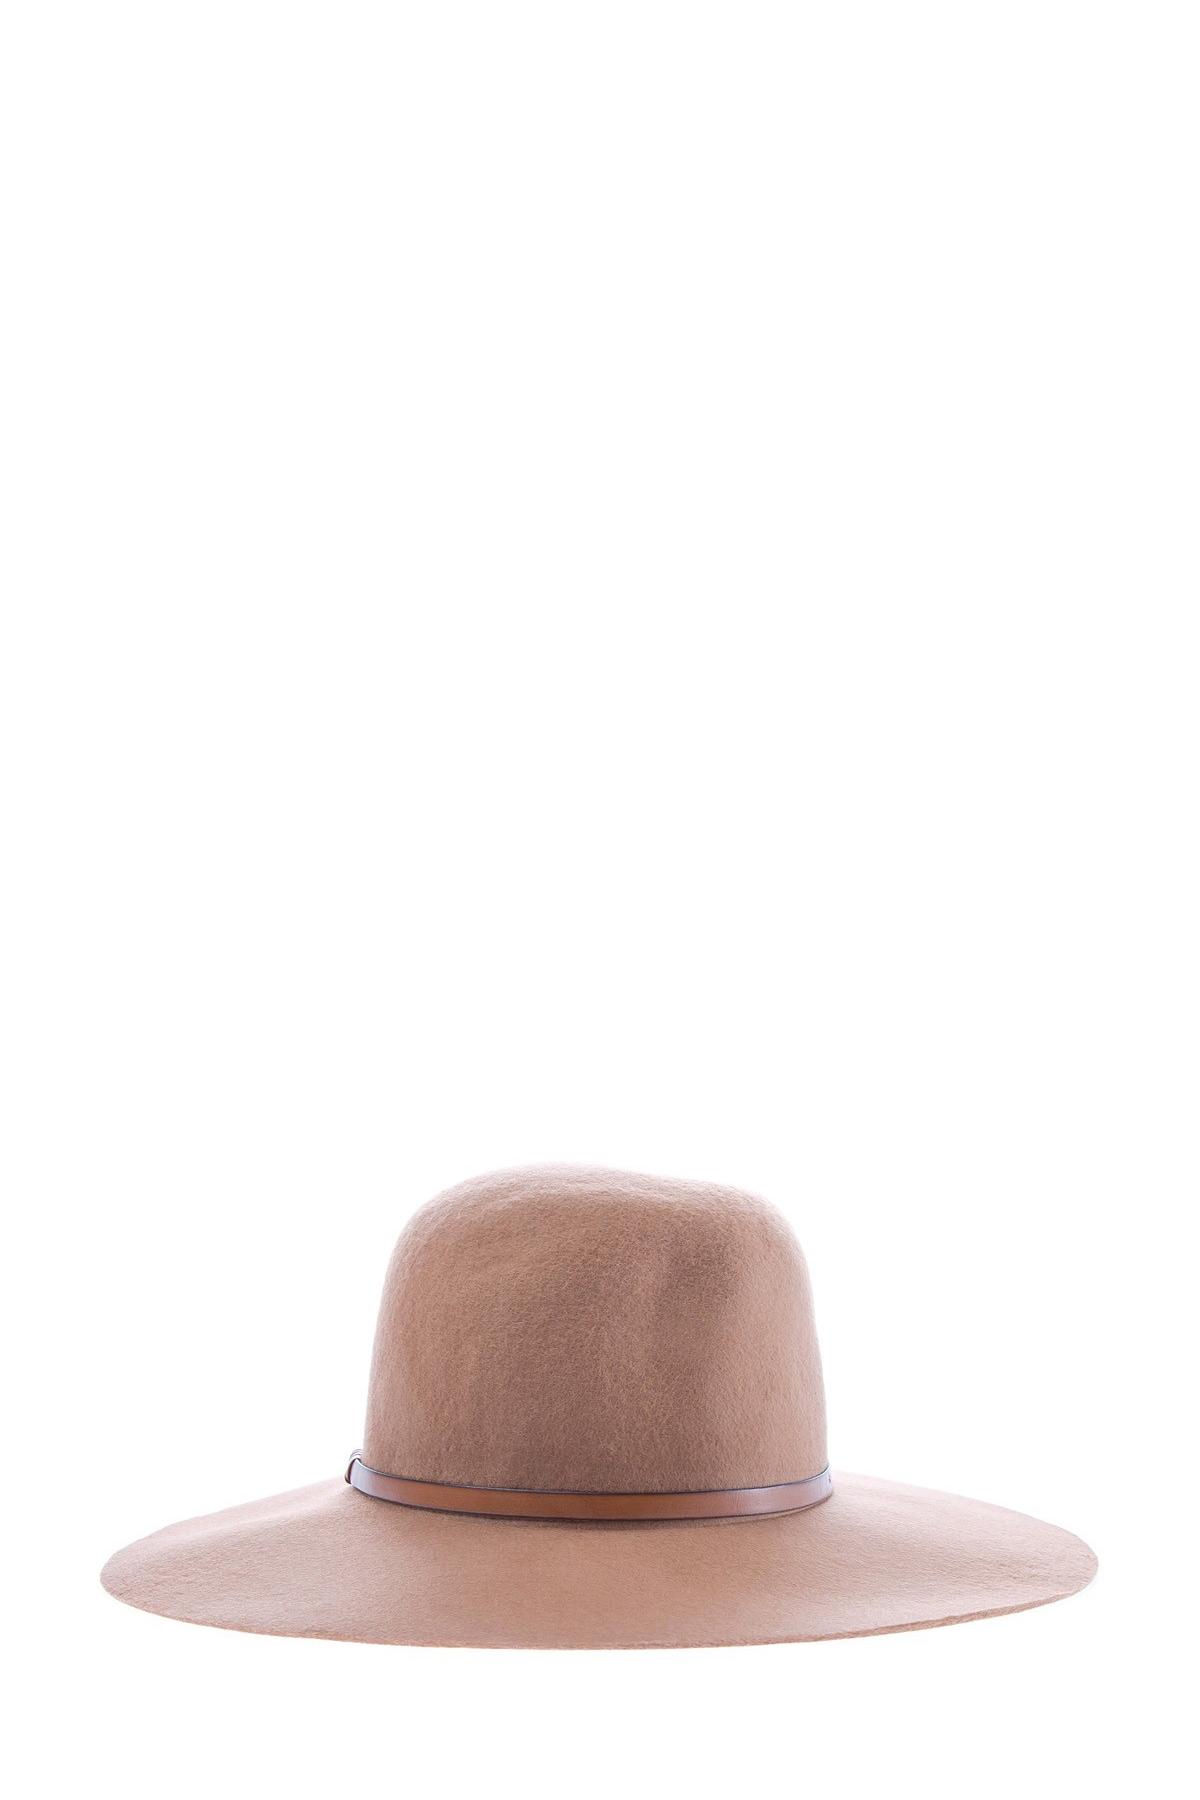 Купить Шляпа, ELEVENTY, Италия, шерсть 100%